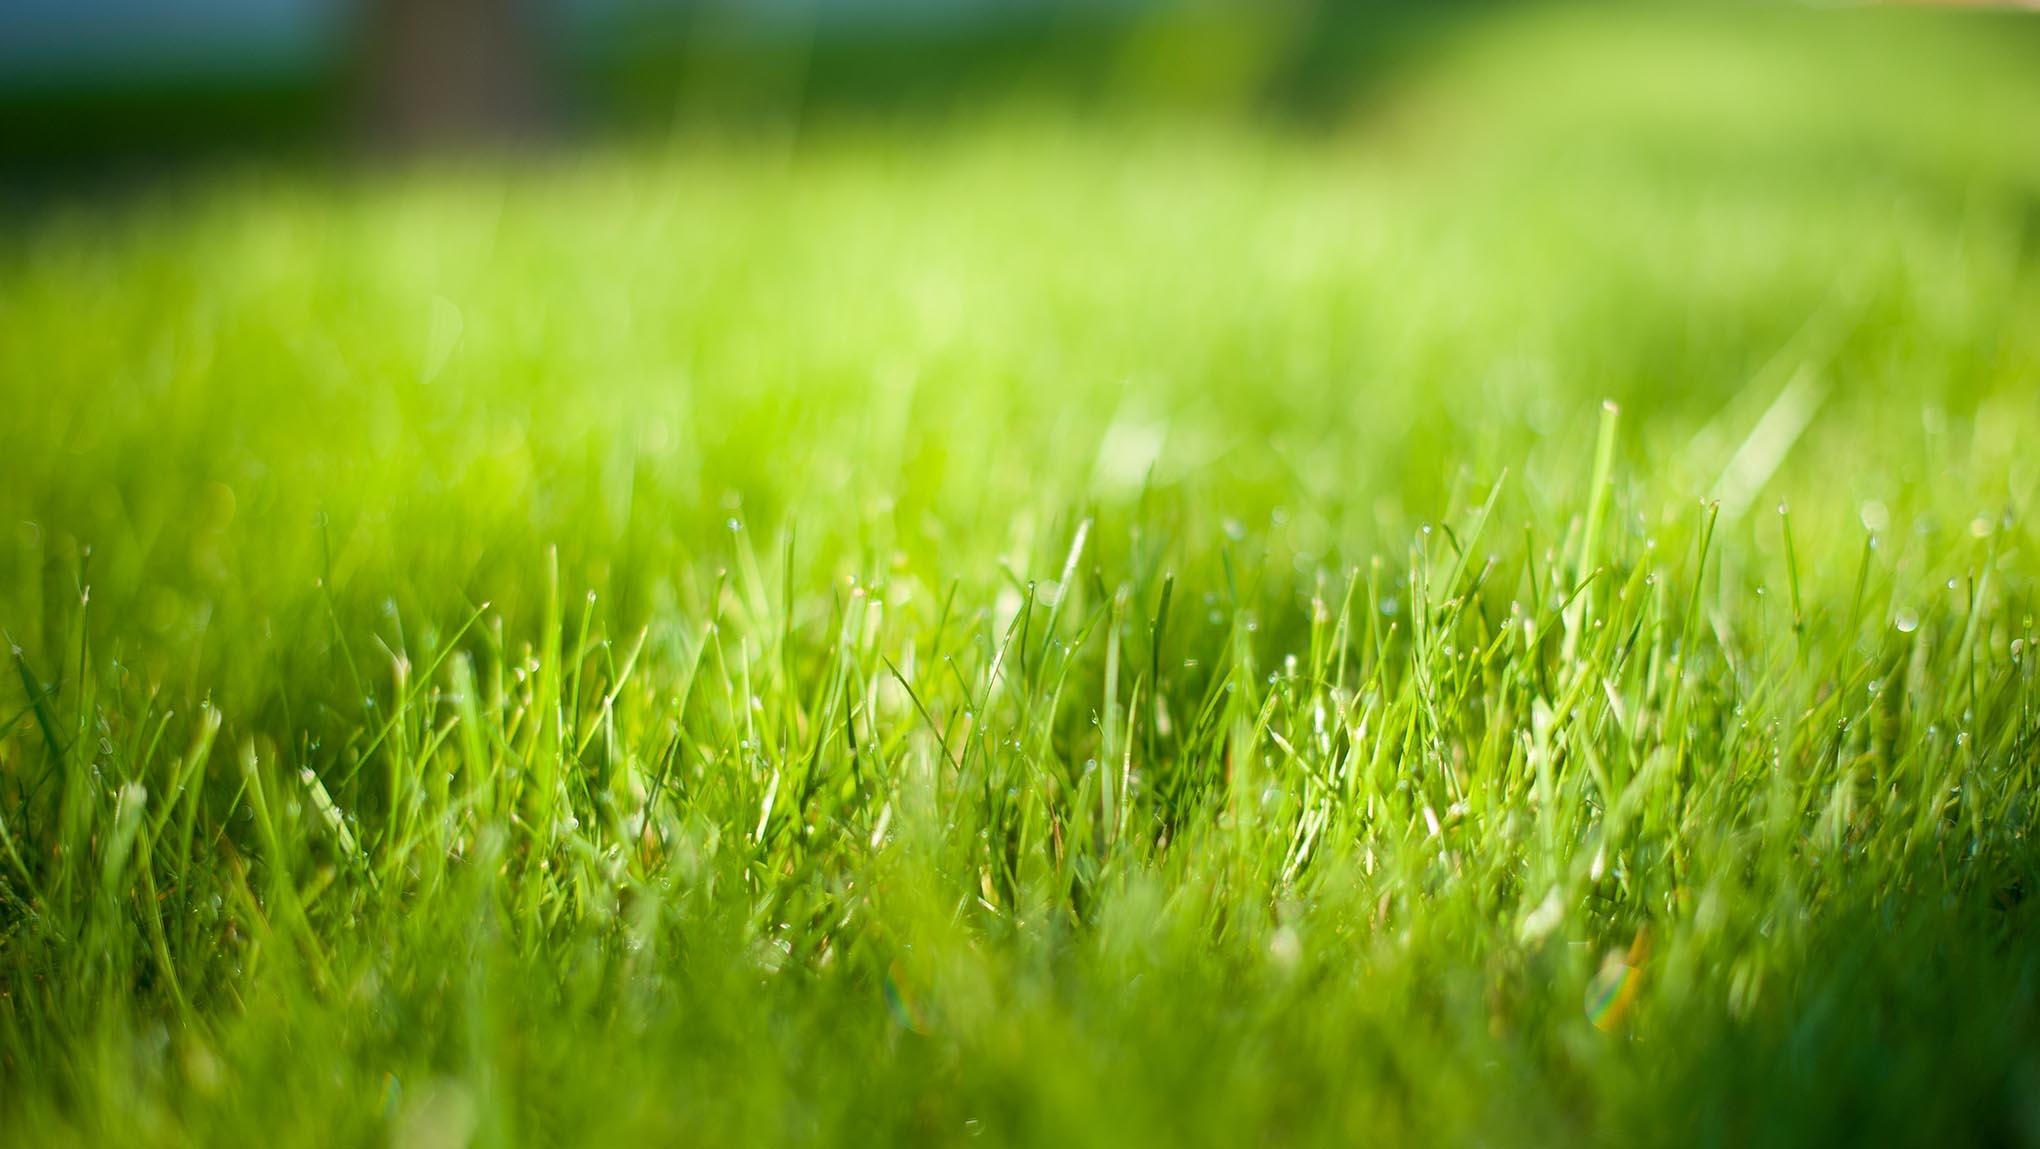 Foto van gras met een beperkte scherptediepte.